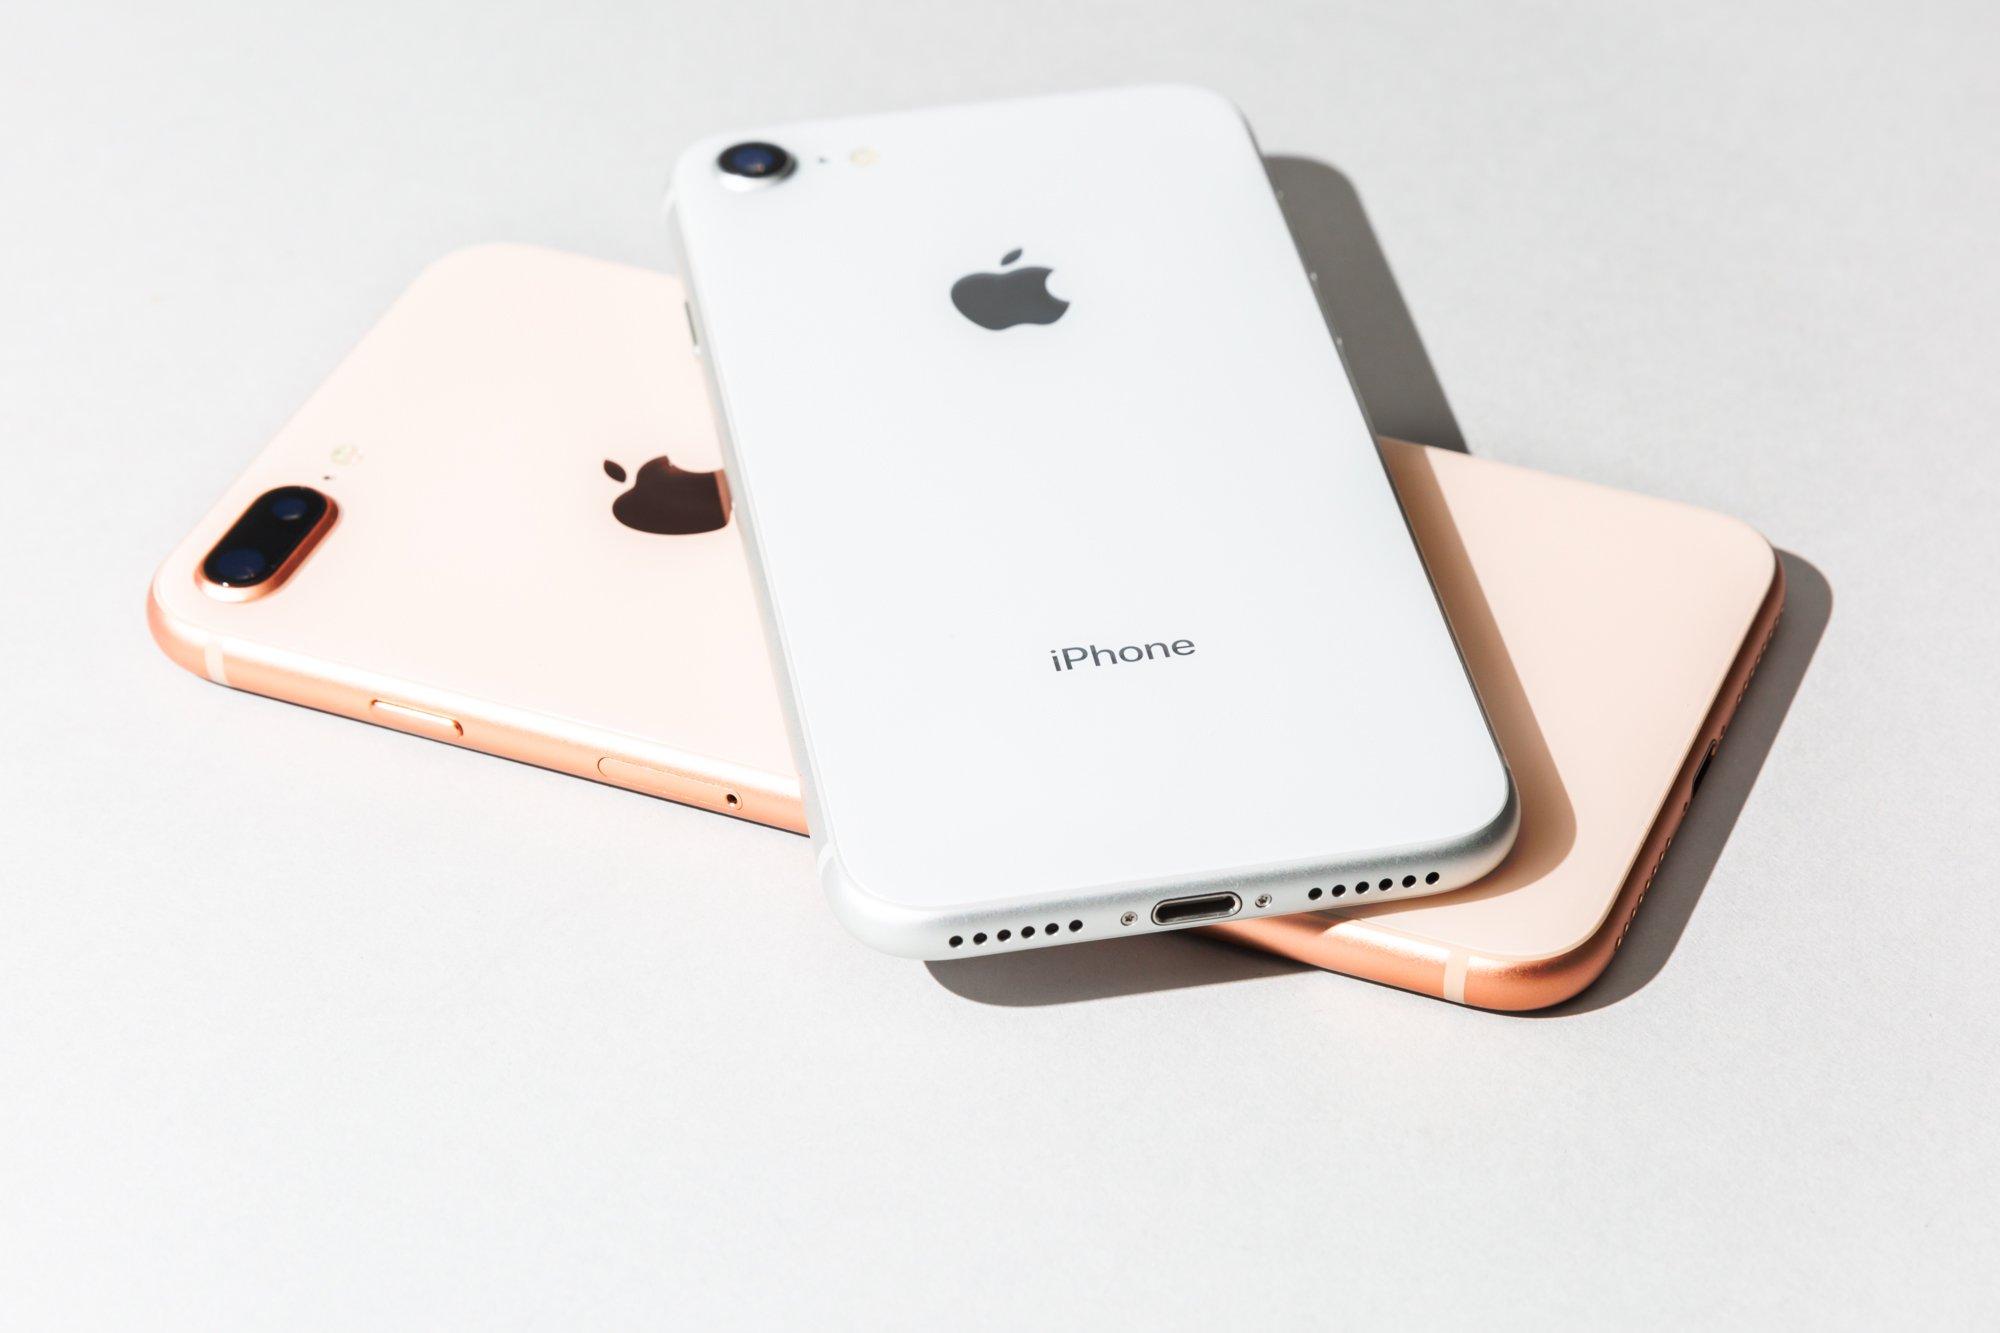 ТОП-10 лучших смартфонов 2017 года: бюджетные, недорогие и флагманские смартфоны | Канобу - Изображение 16